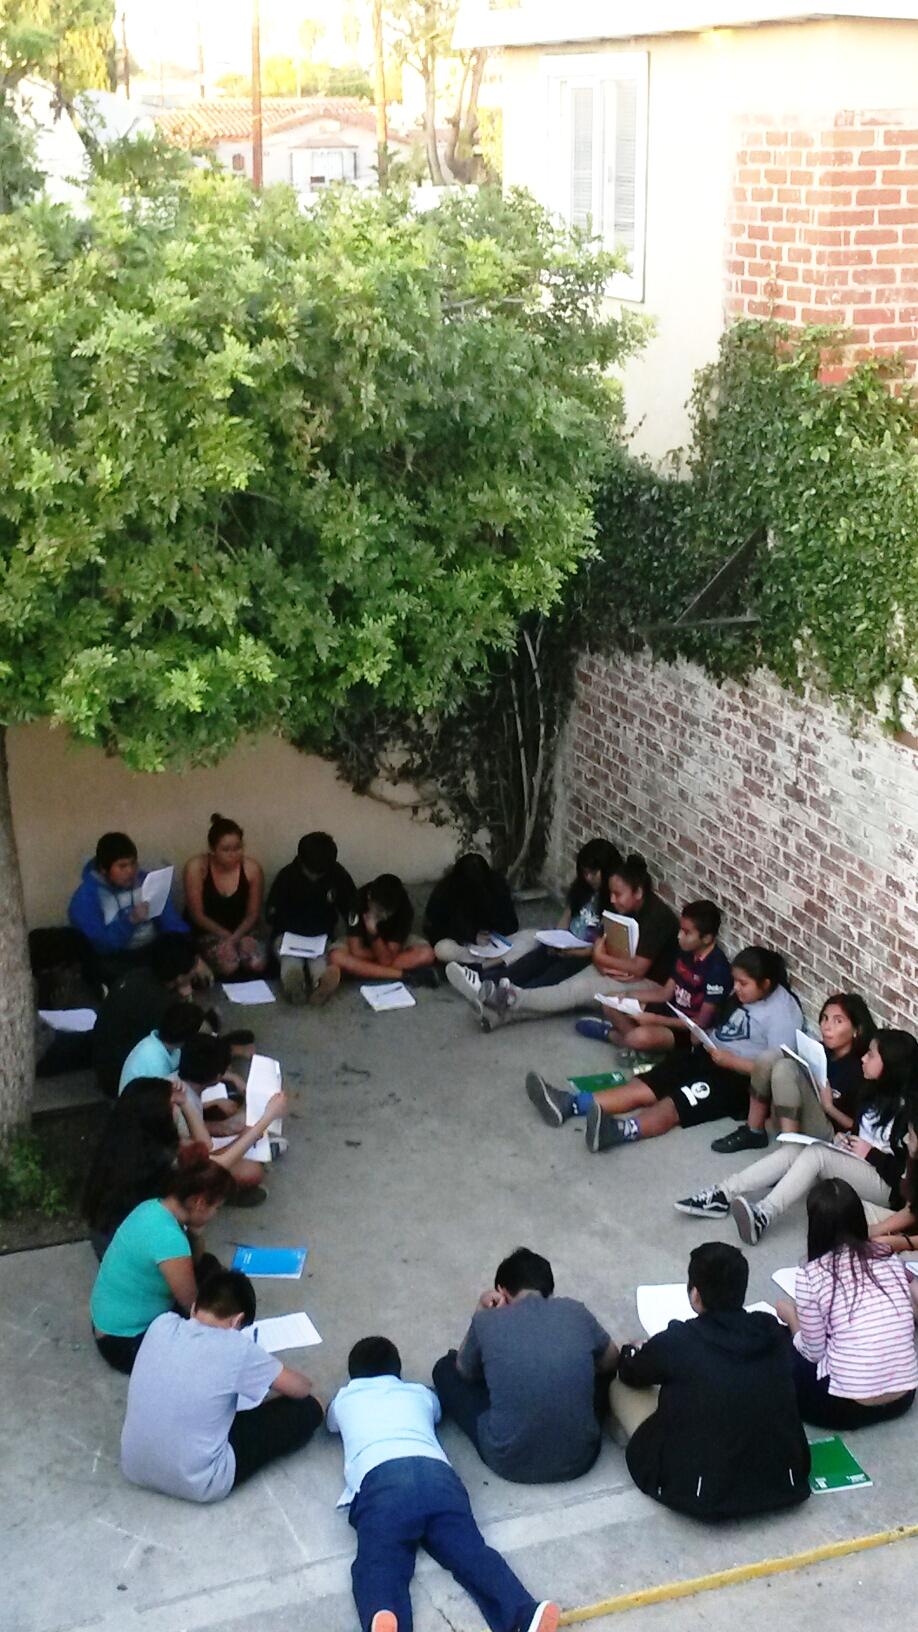 outdoor classroom.jpeg